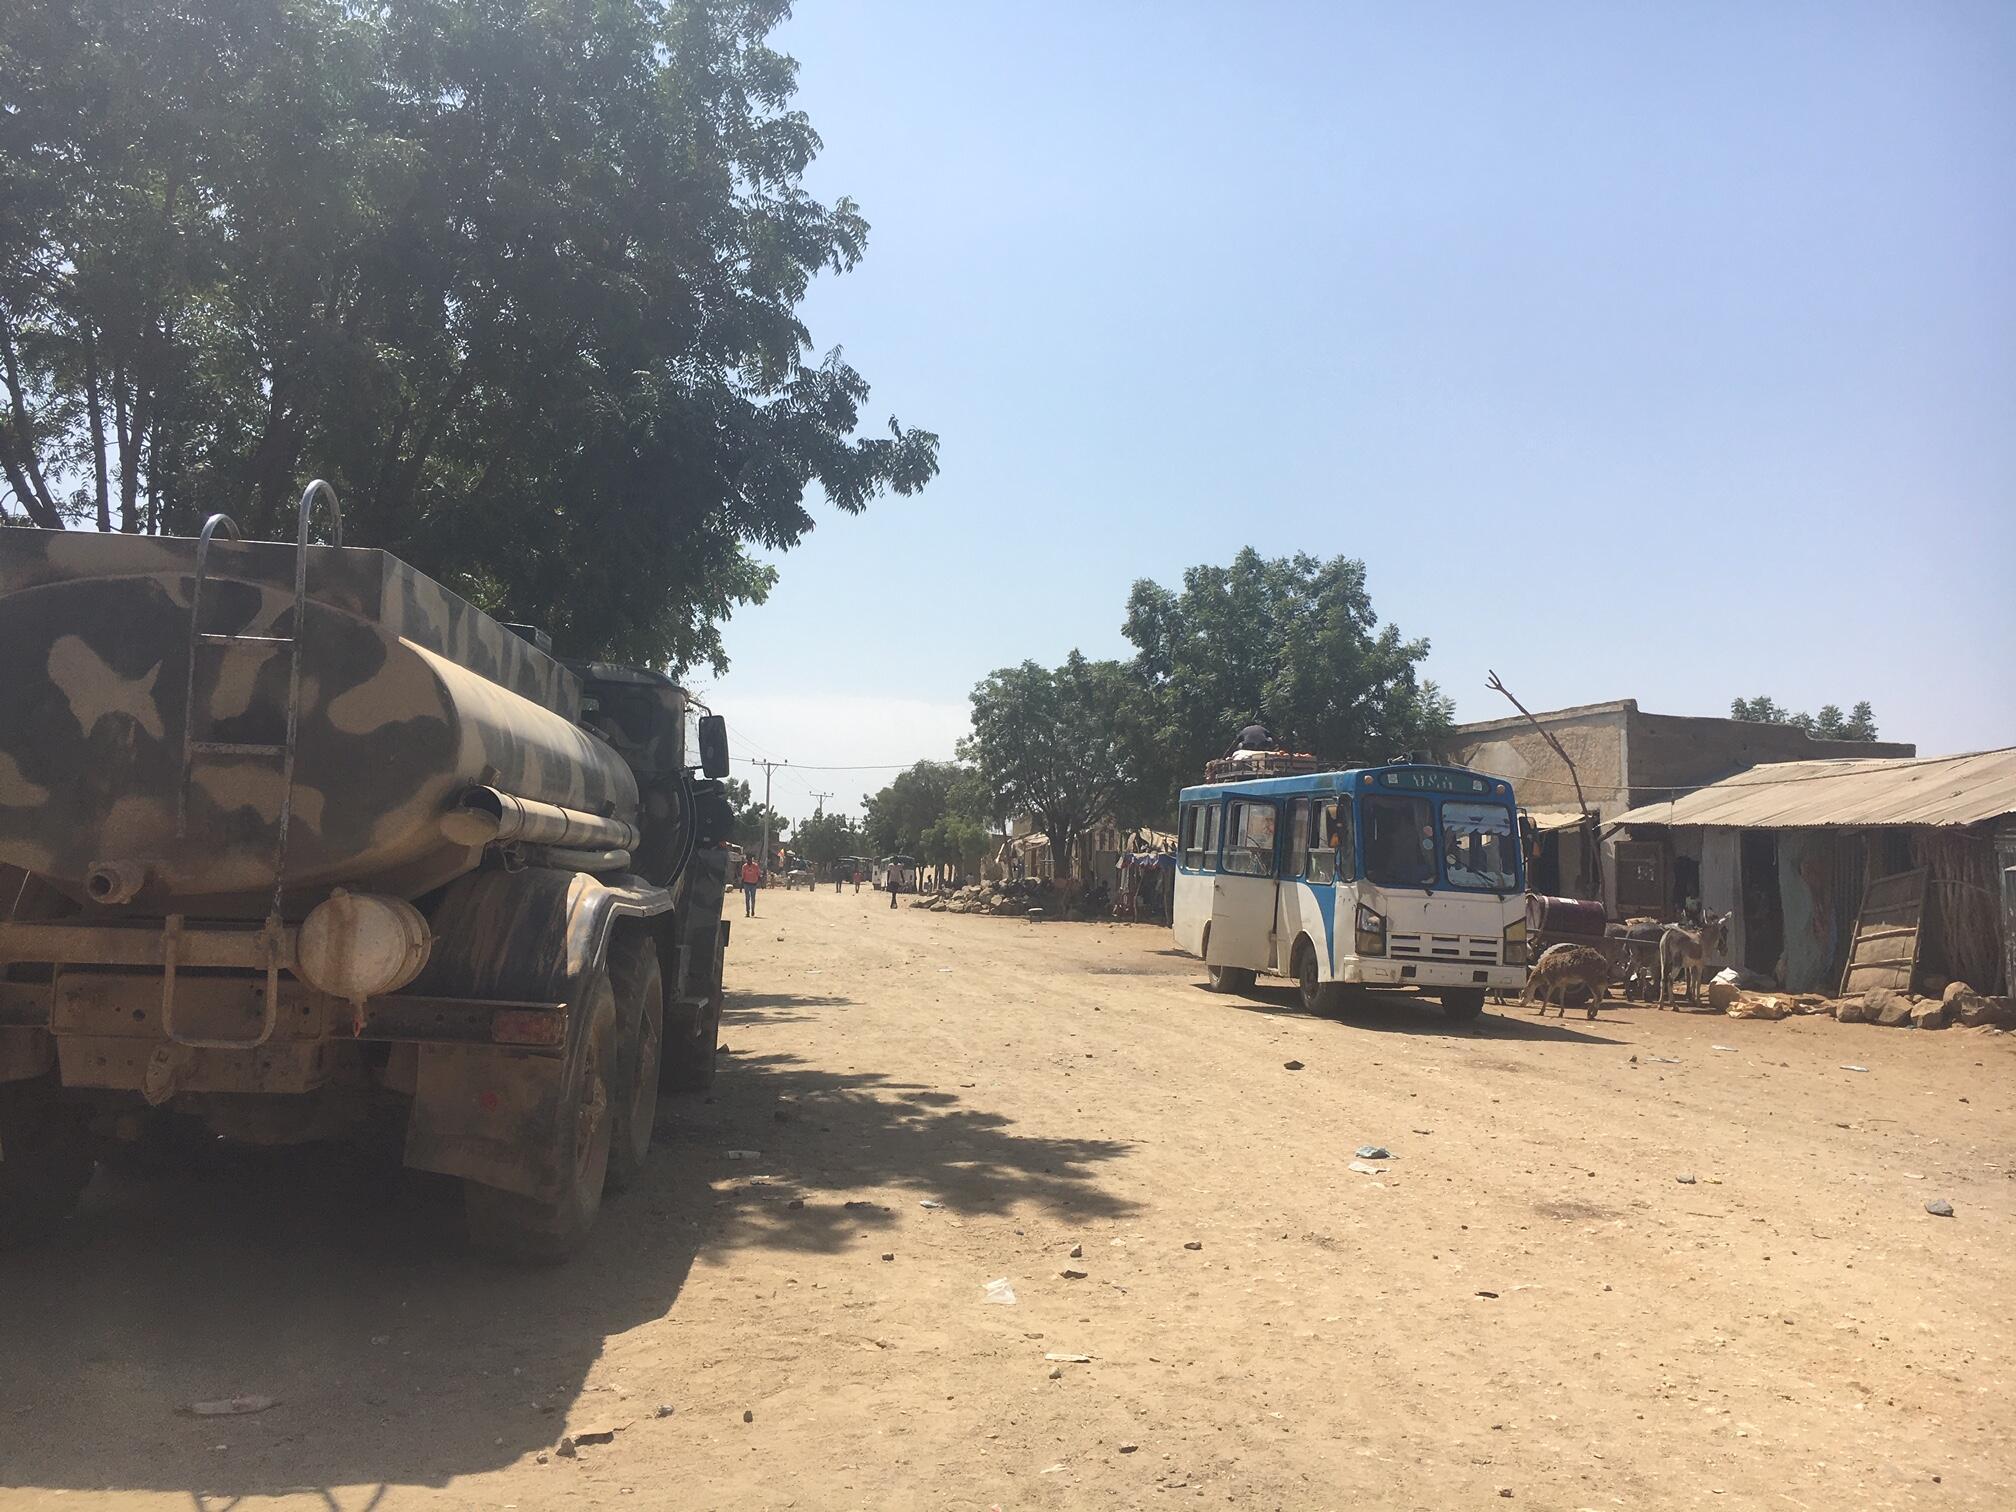 La petite bourgade de Badme, dernier village éthiopien avant la frontière avec l'Erythrée, est construite le long d'une piste qui ne mène nulle part, la frontière avec l'Erythrée étant toujours fermée.